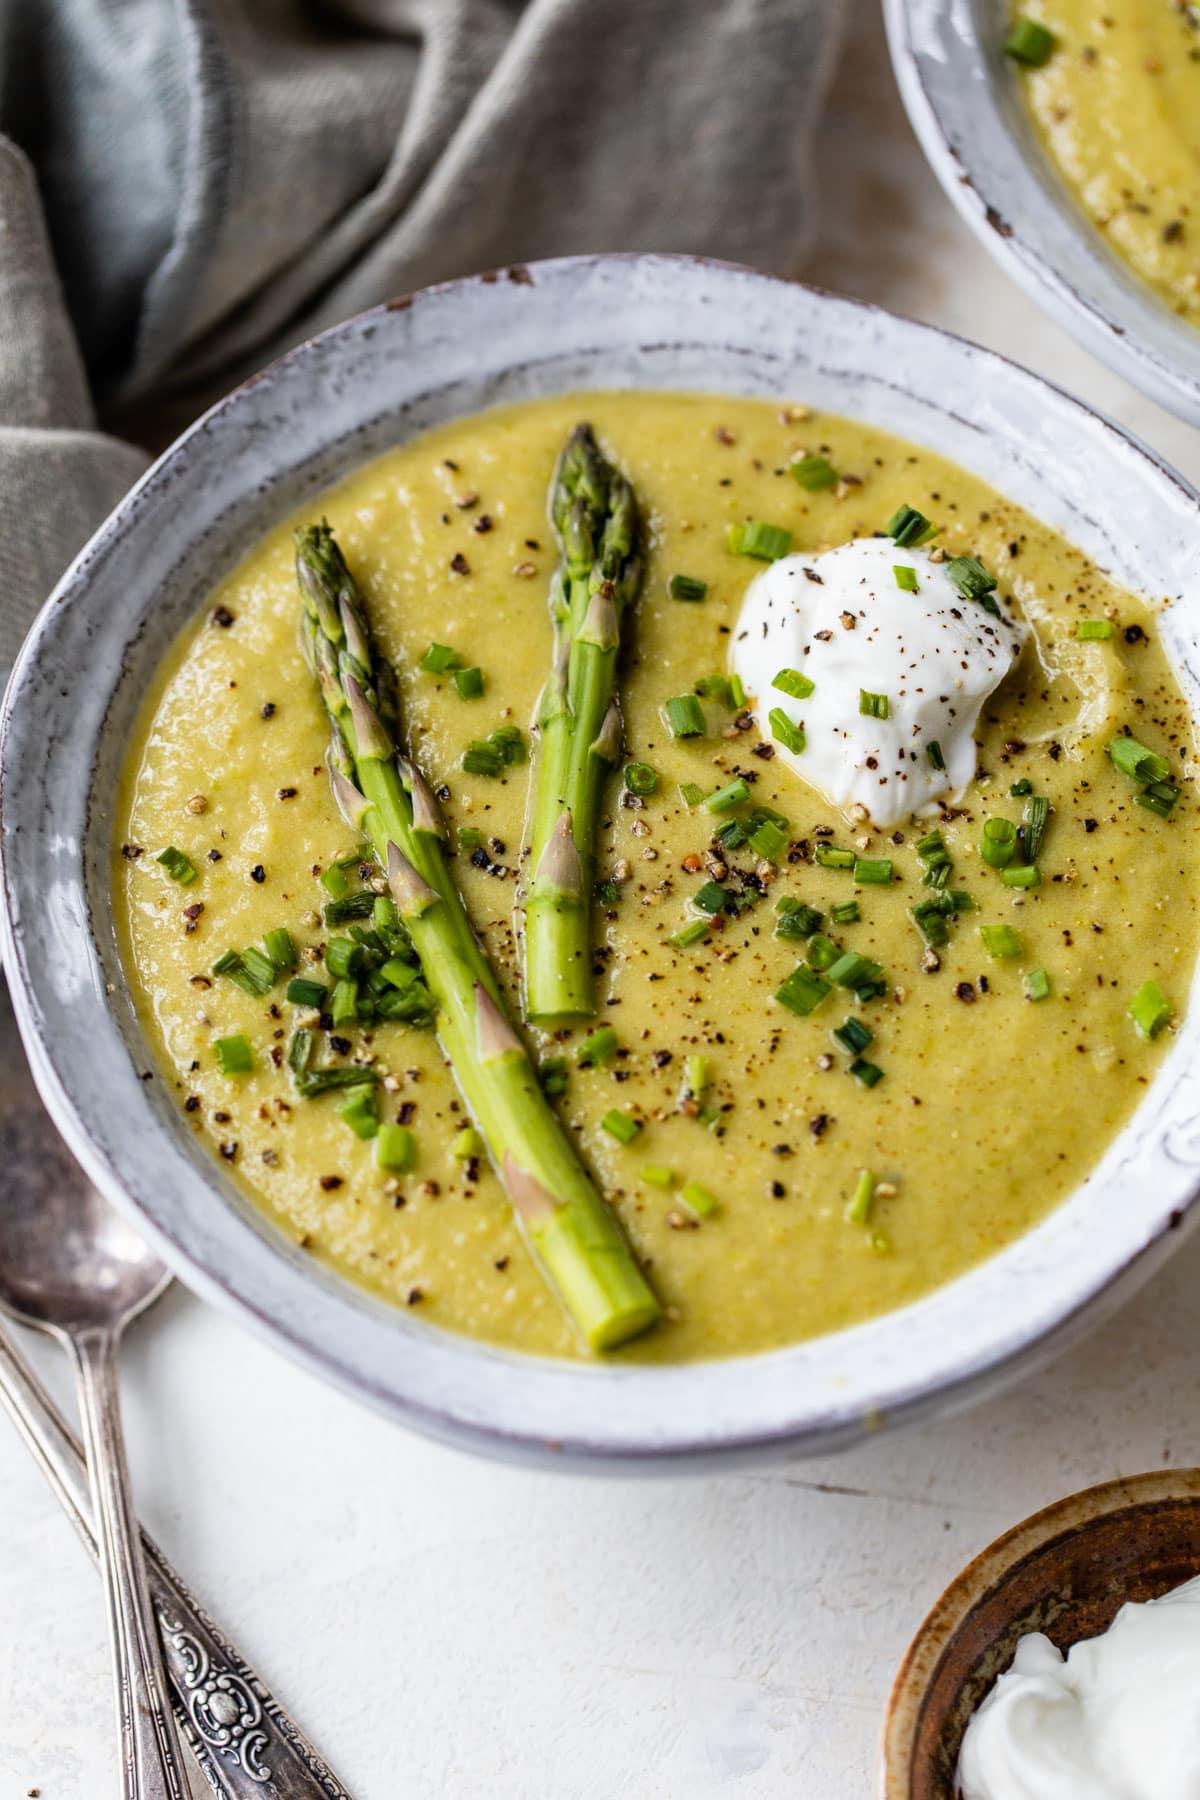 Asparagus cream soup with shrimps, quick recipe 65